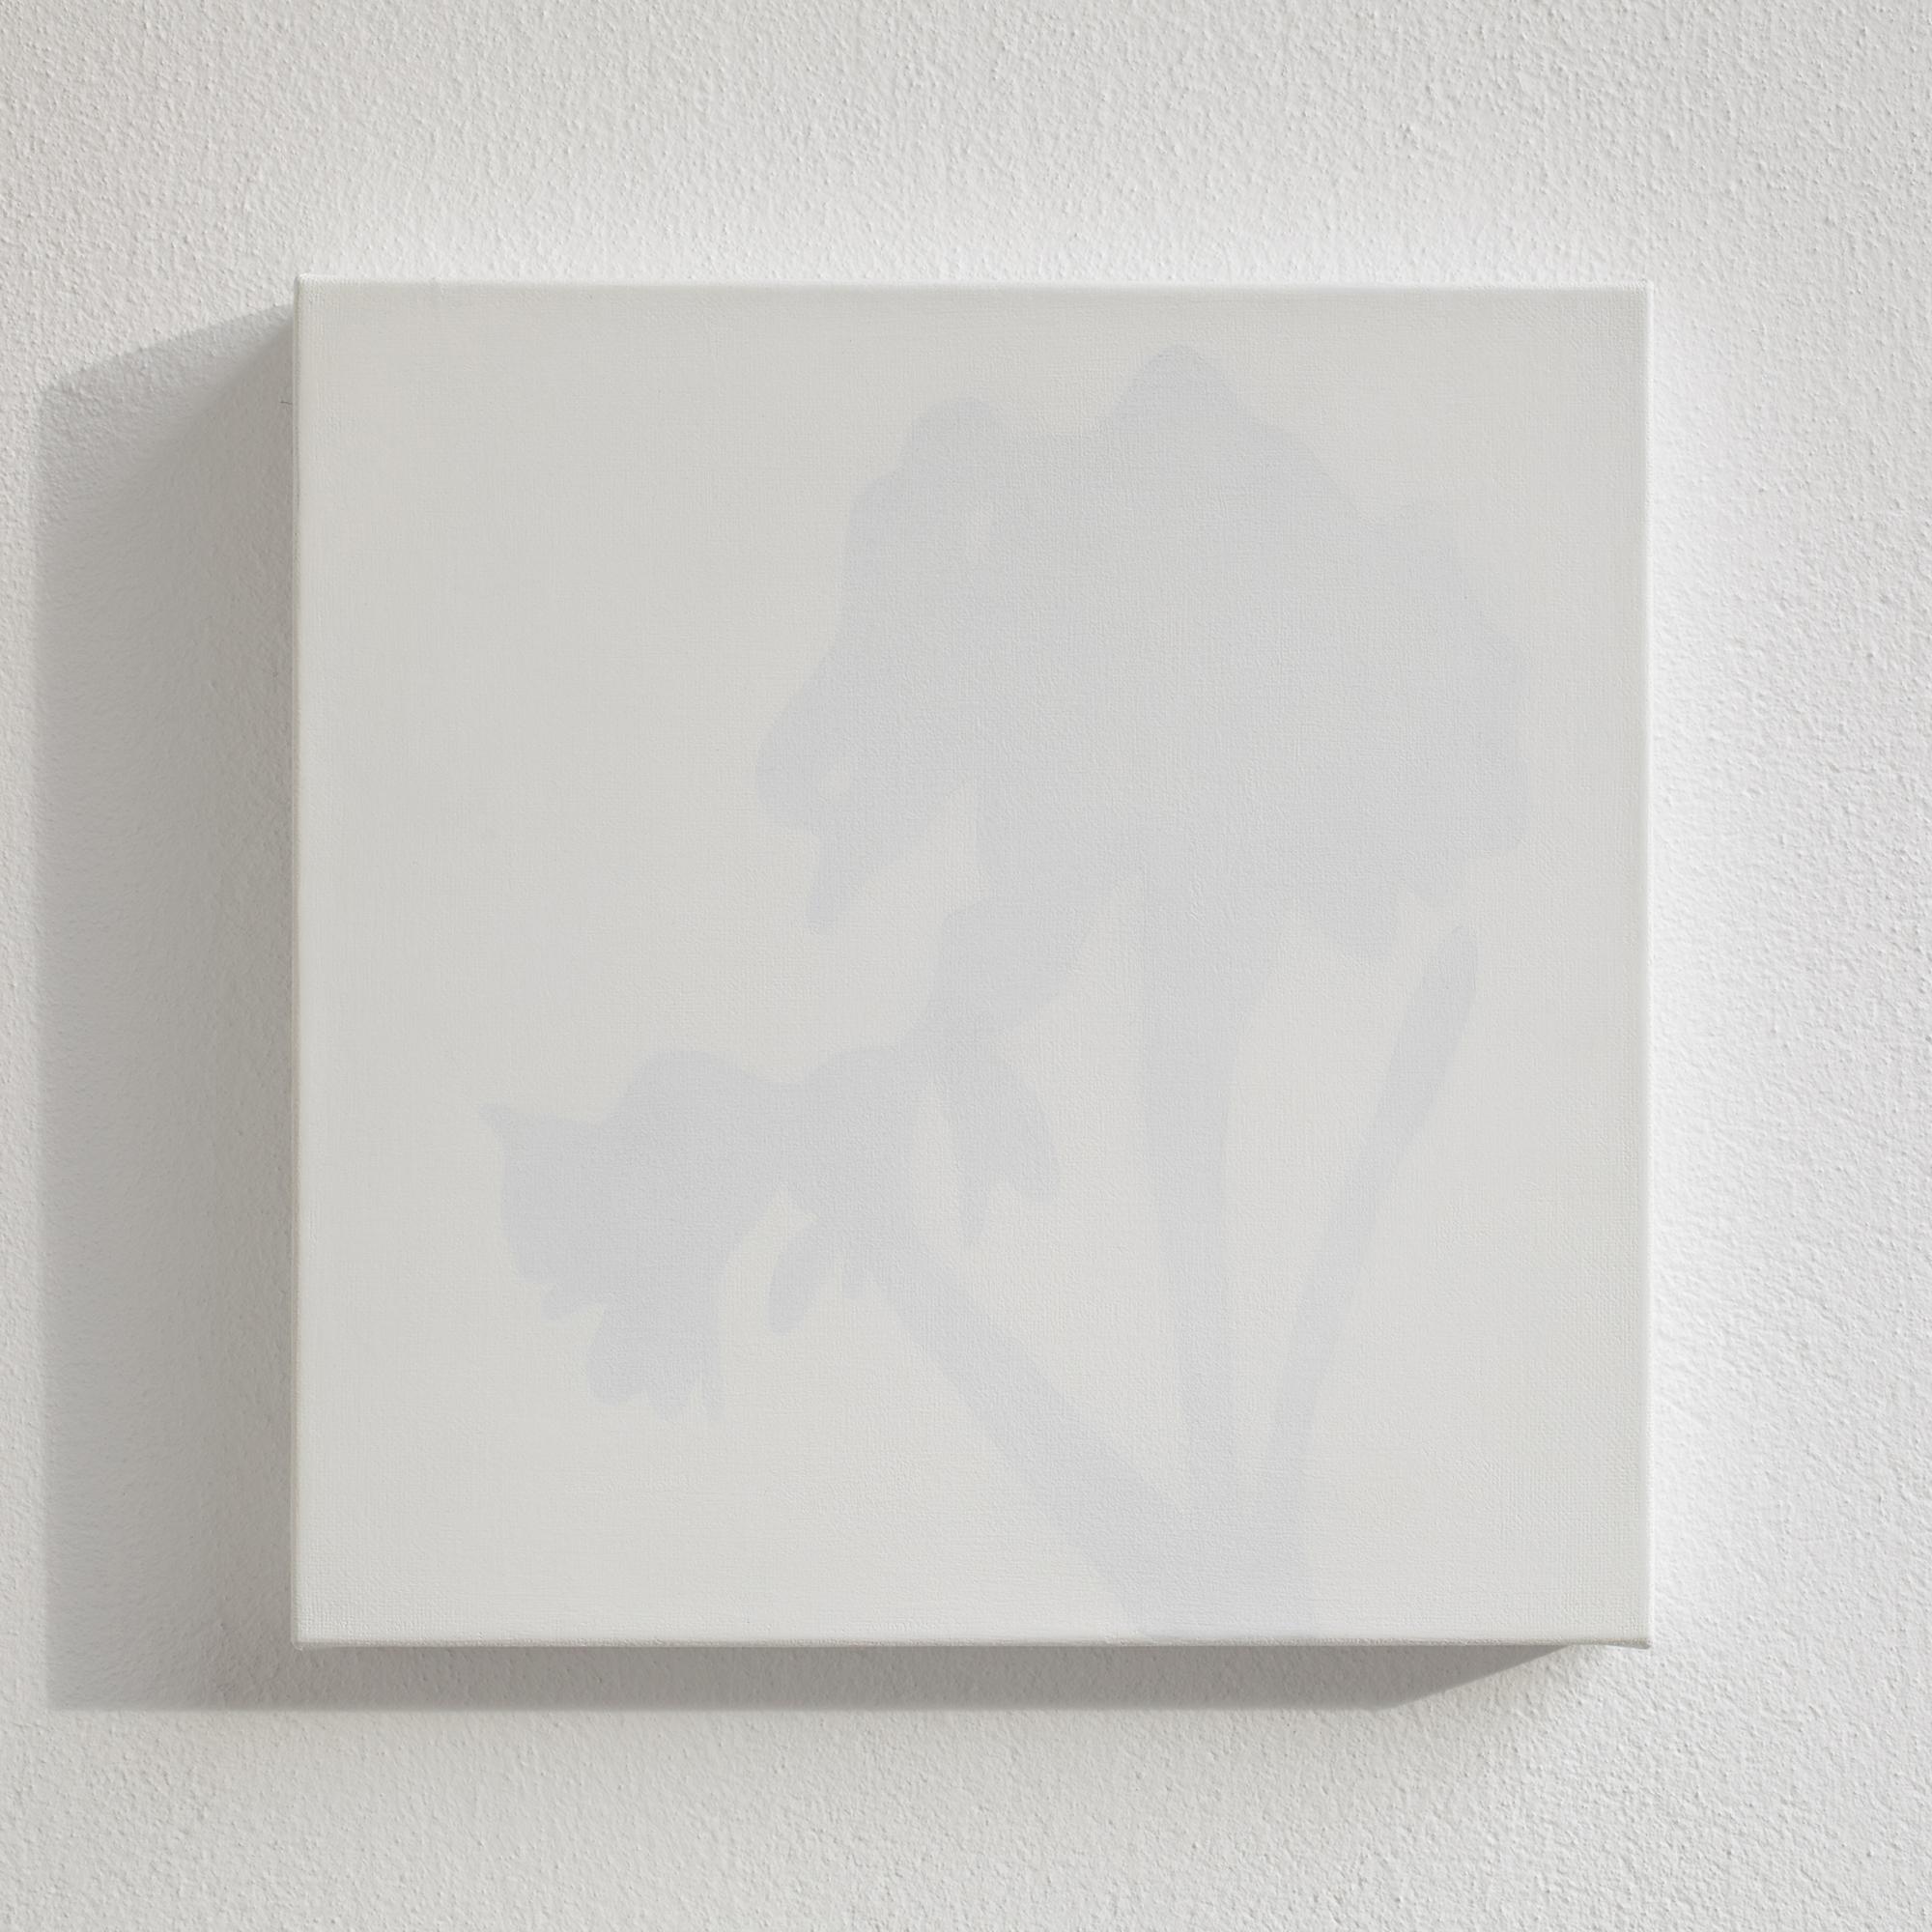 Shadow of the Stilllife, 2011, acrylic on canvas, 30 x 30 cm